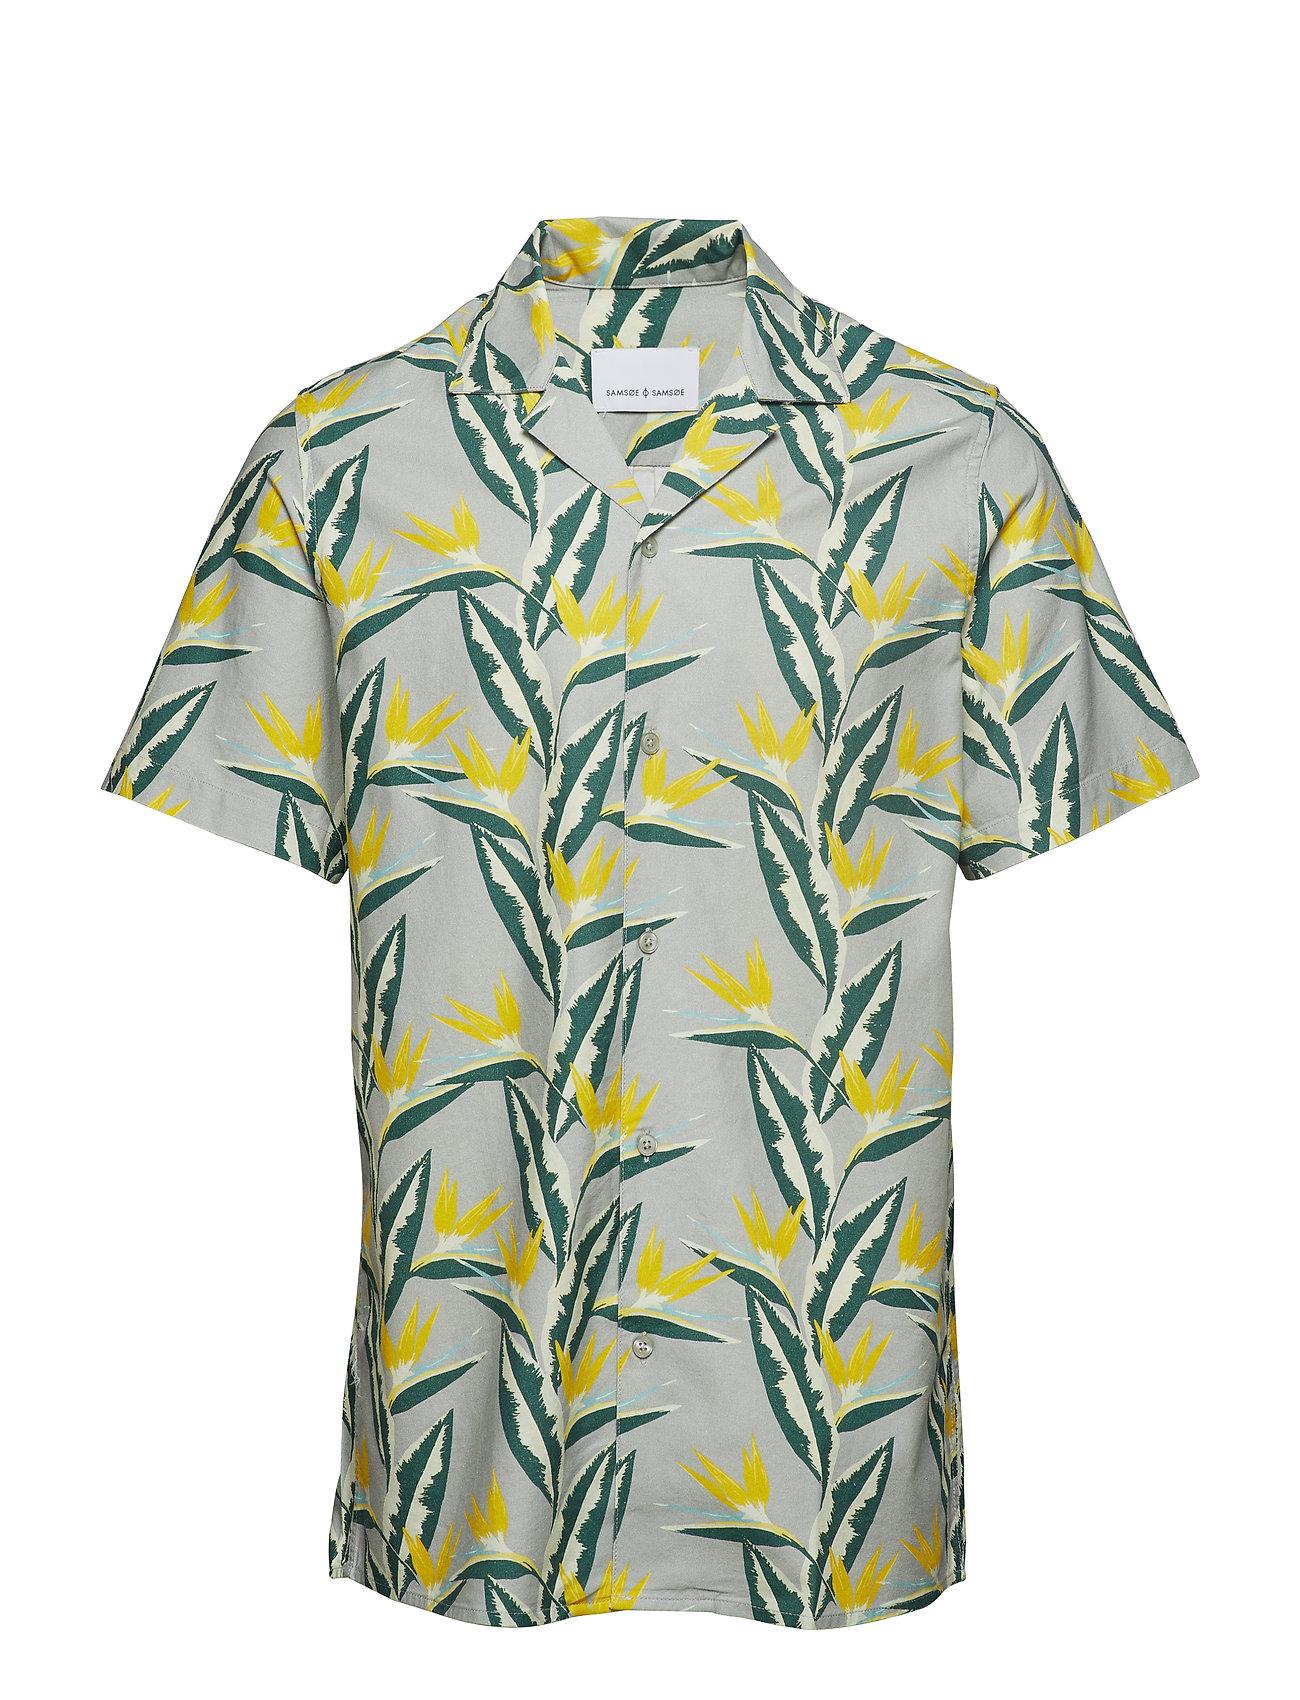 Samsøe Samsøe Einar SX shirt aop 10923 - DAY PARADISE